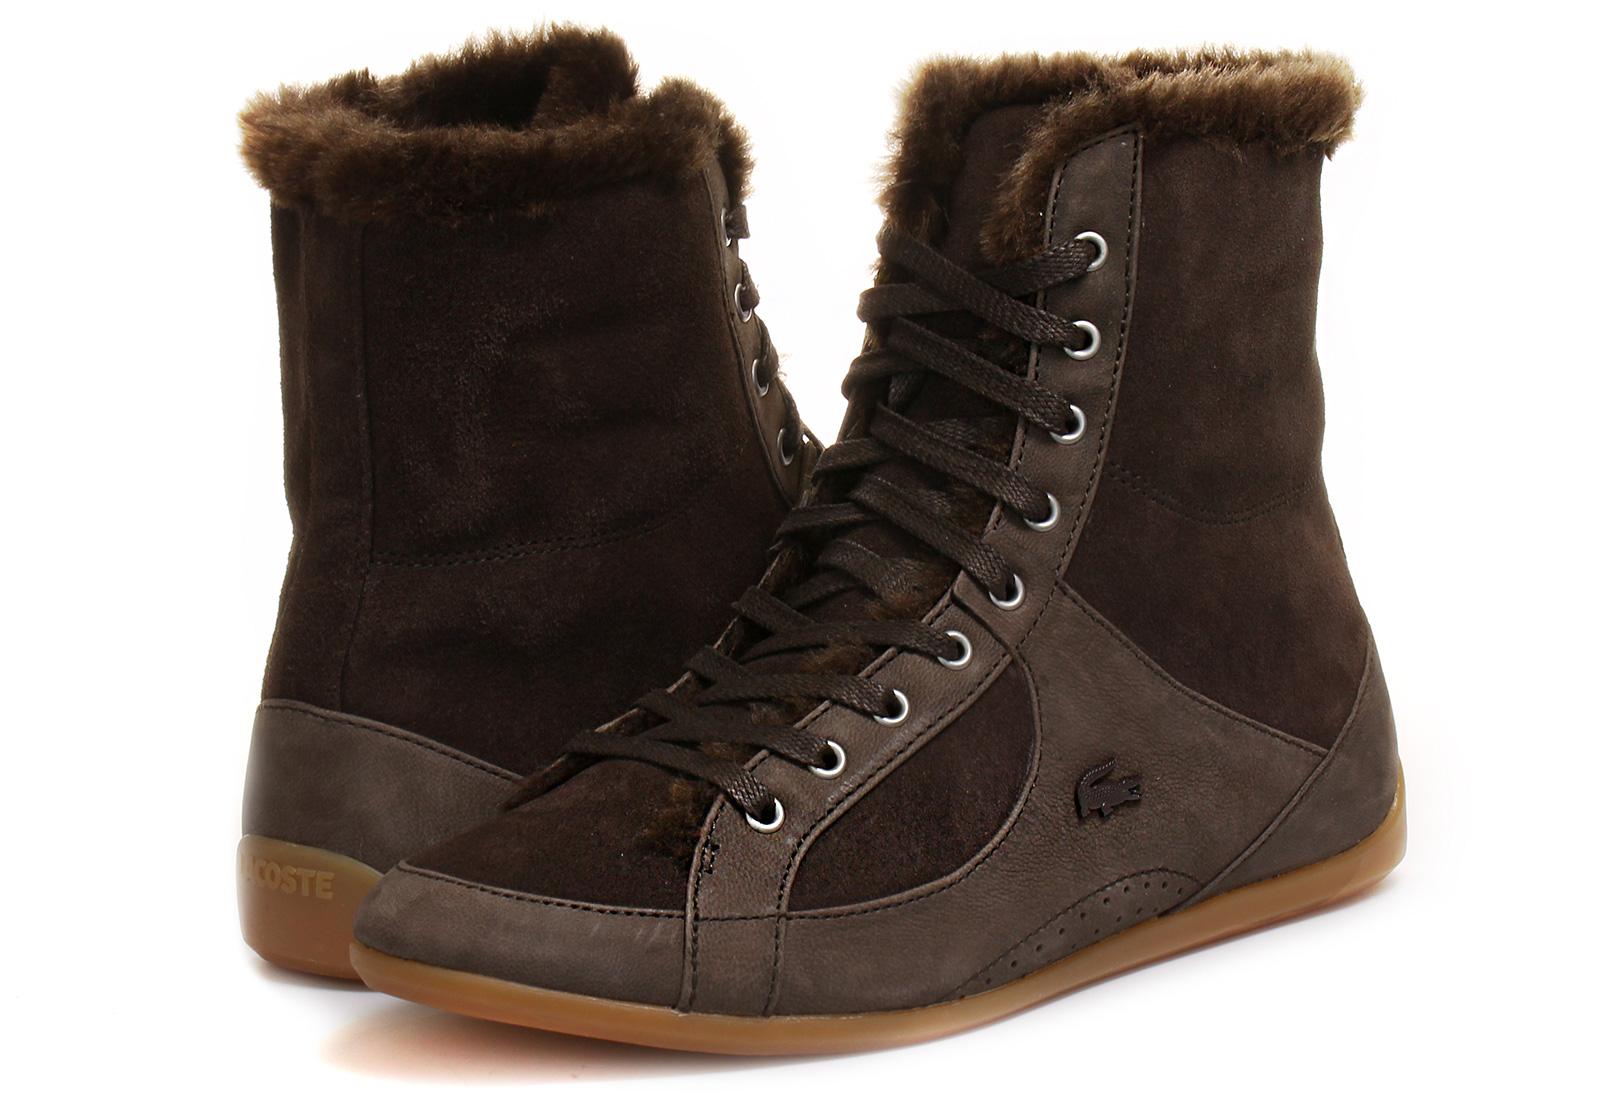 lacoste shoes rosenell hi 133srw0137176 online shop